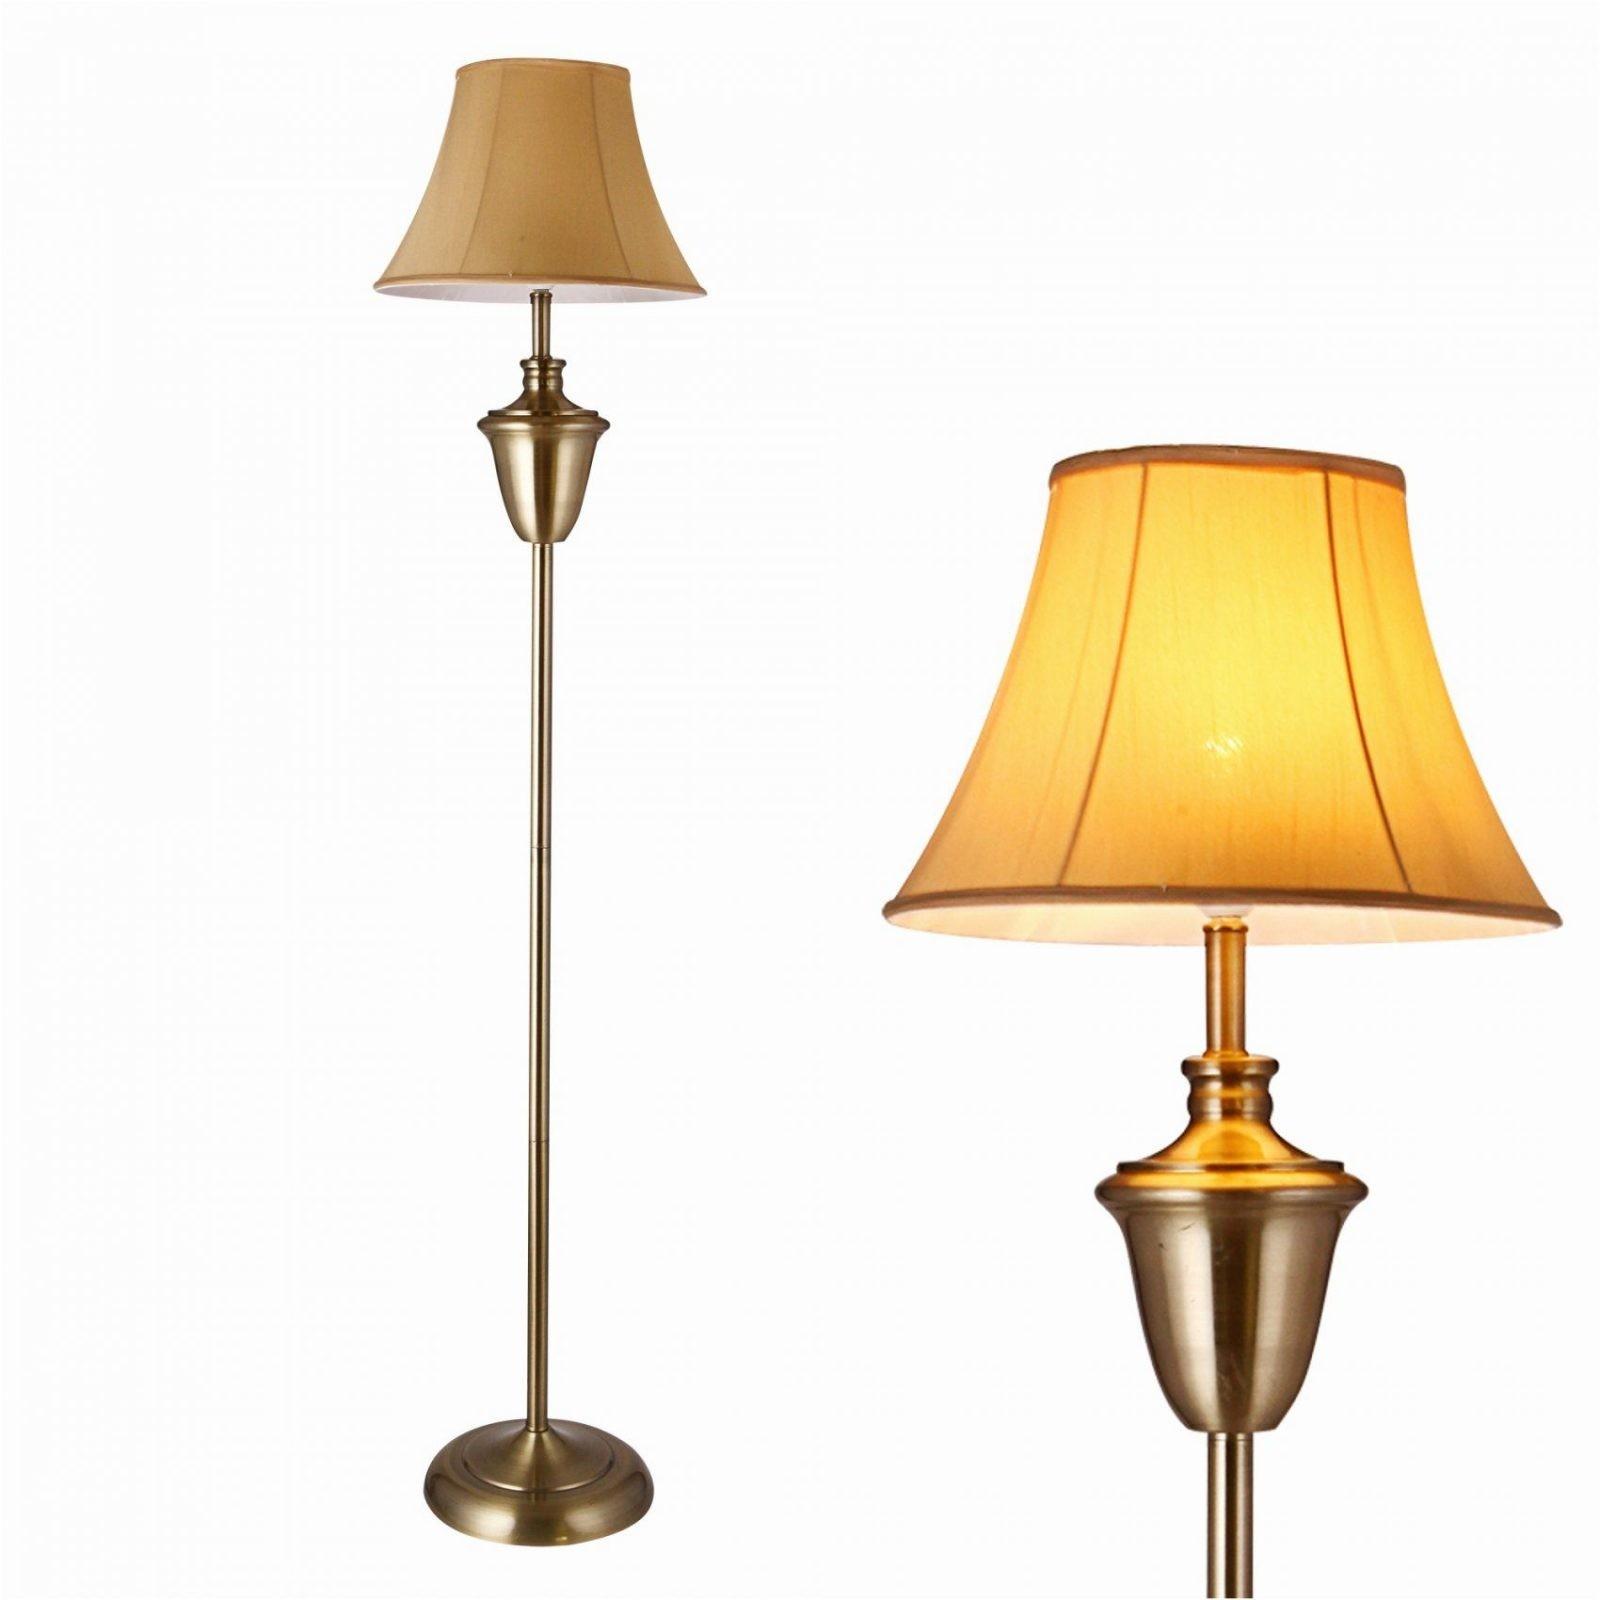 Lampe mit mehreren schirmen inspirierend h ngelampe big for Lampe mit mehreren schirmen